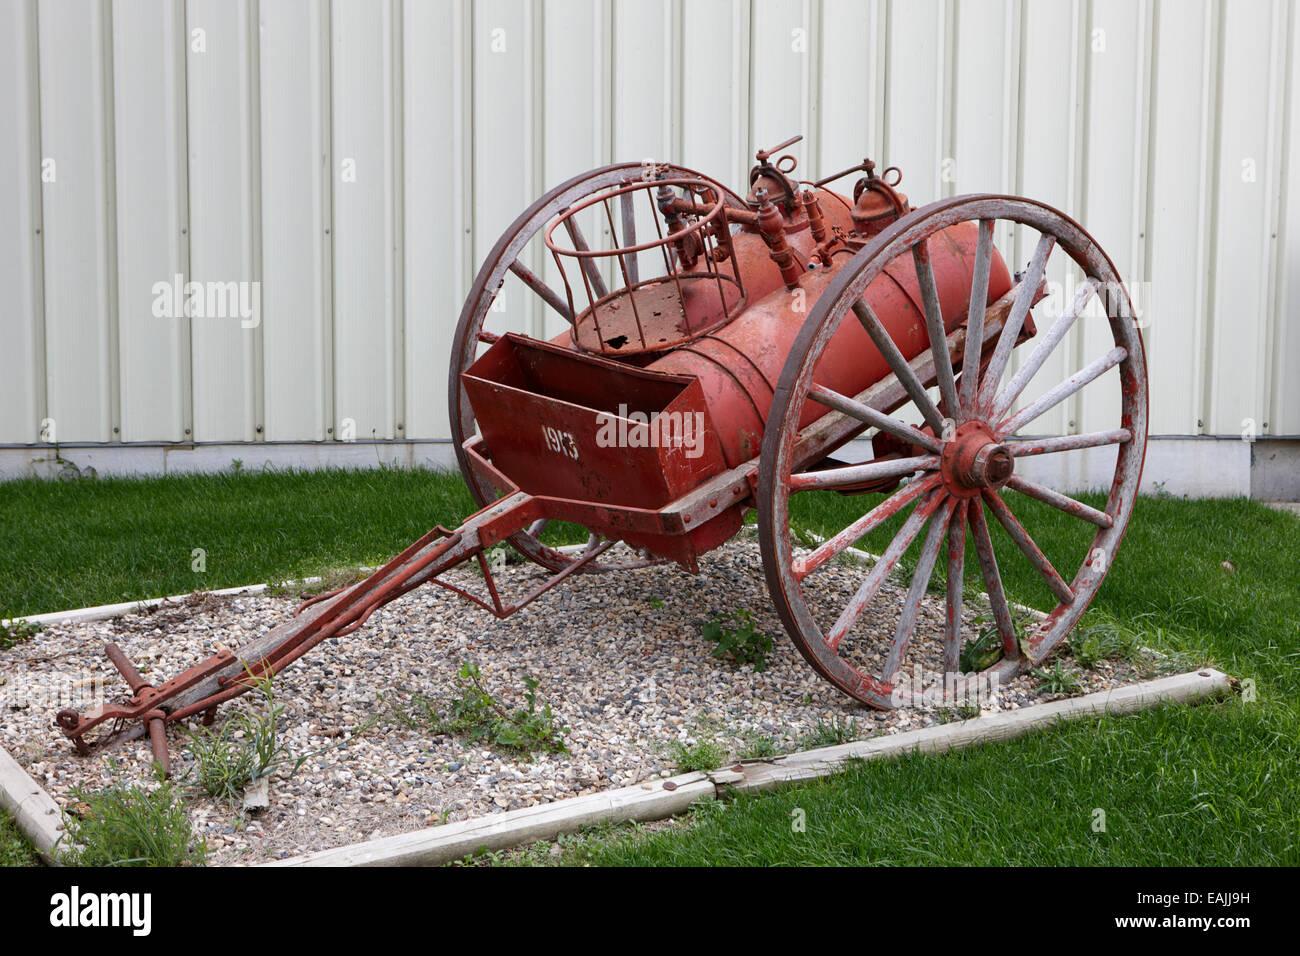 Dibujadas a mano vintage fuego carro tanque químico 2 unidad Saskatchewan Canadá Imagen De Stock